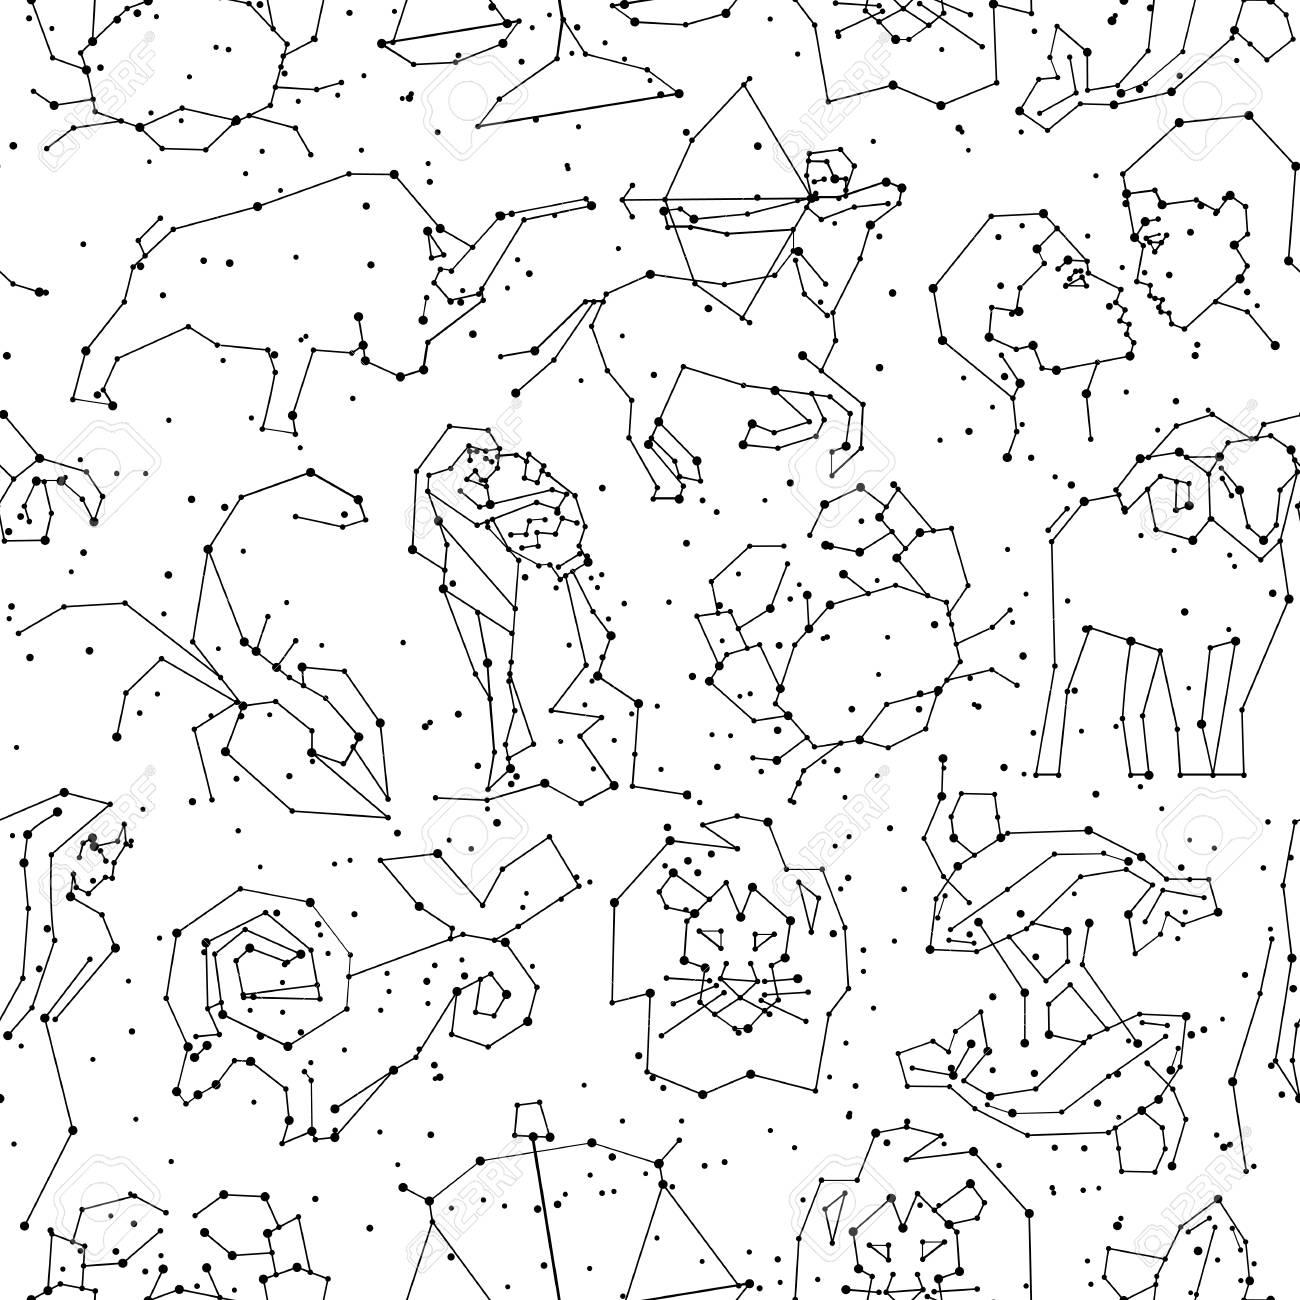 Calendrier Du Zodiaque.Modele Sans Couture D Horoscope Tous Les Signes Du Zodiaque Dans Le Style De La Constellation Avec La Ligne Et Les Etoiles Sur Fond Blanc